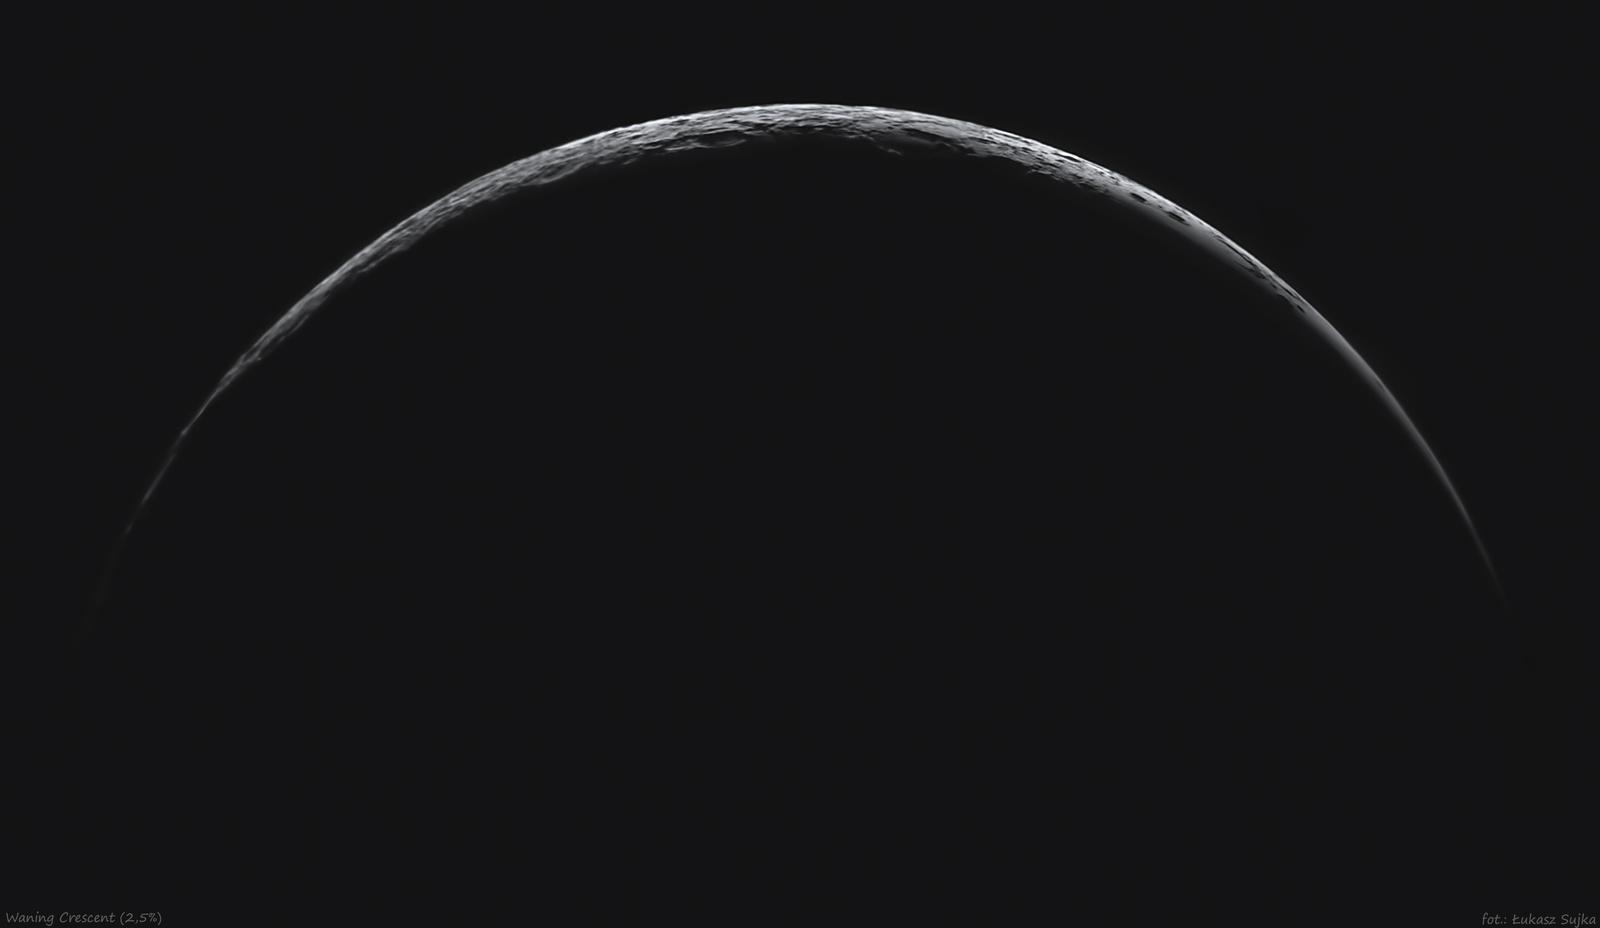 1730531958_Moon2_570v2.thumb.jpg.374bbf678b696a287f71afaaac545b17.jpg